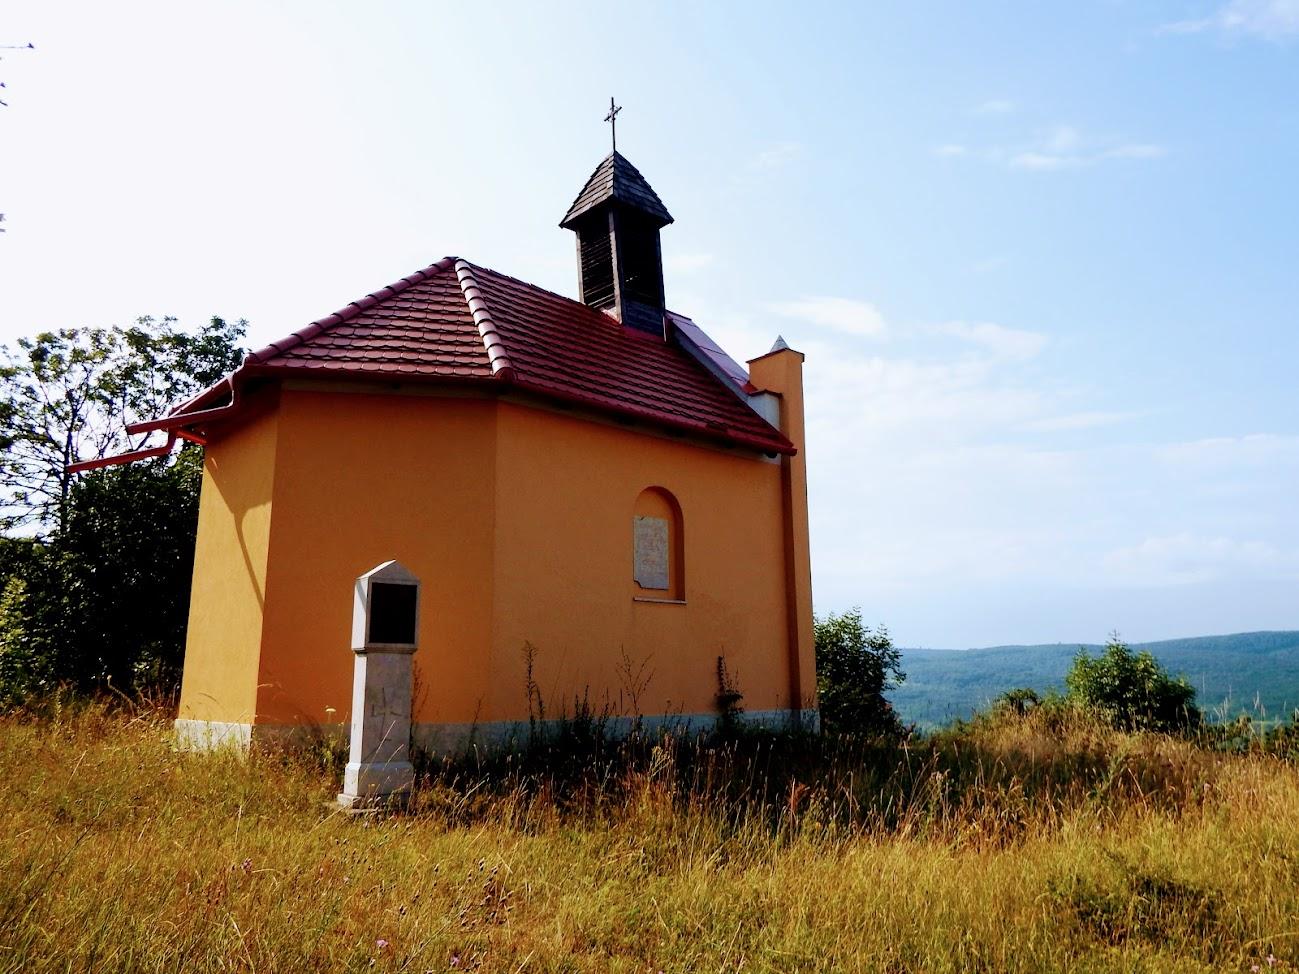 Tatabánya - Felsőgallai kálvária a Bódis-hegyen